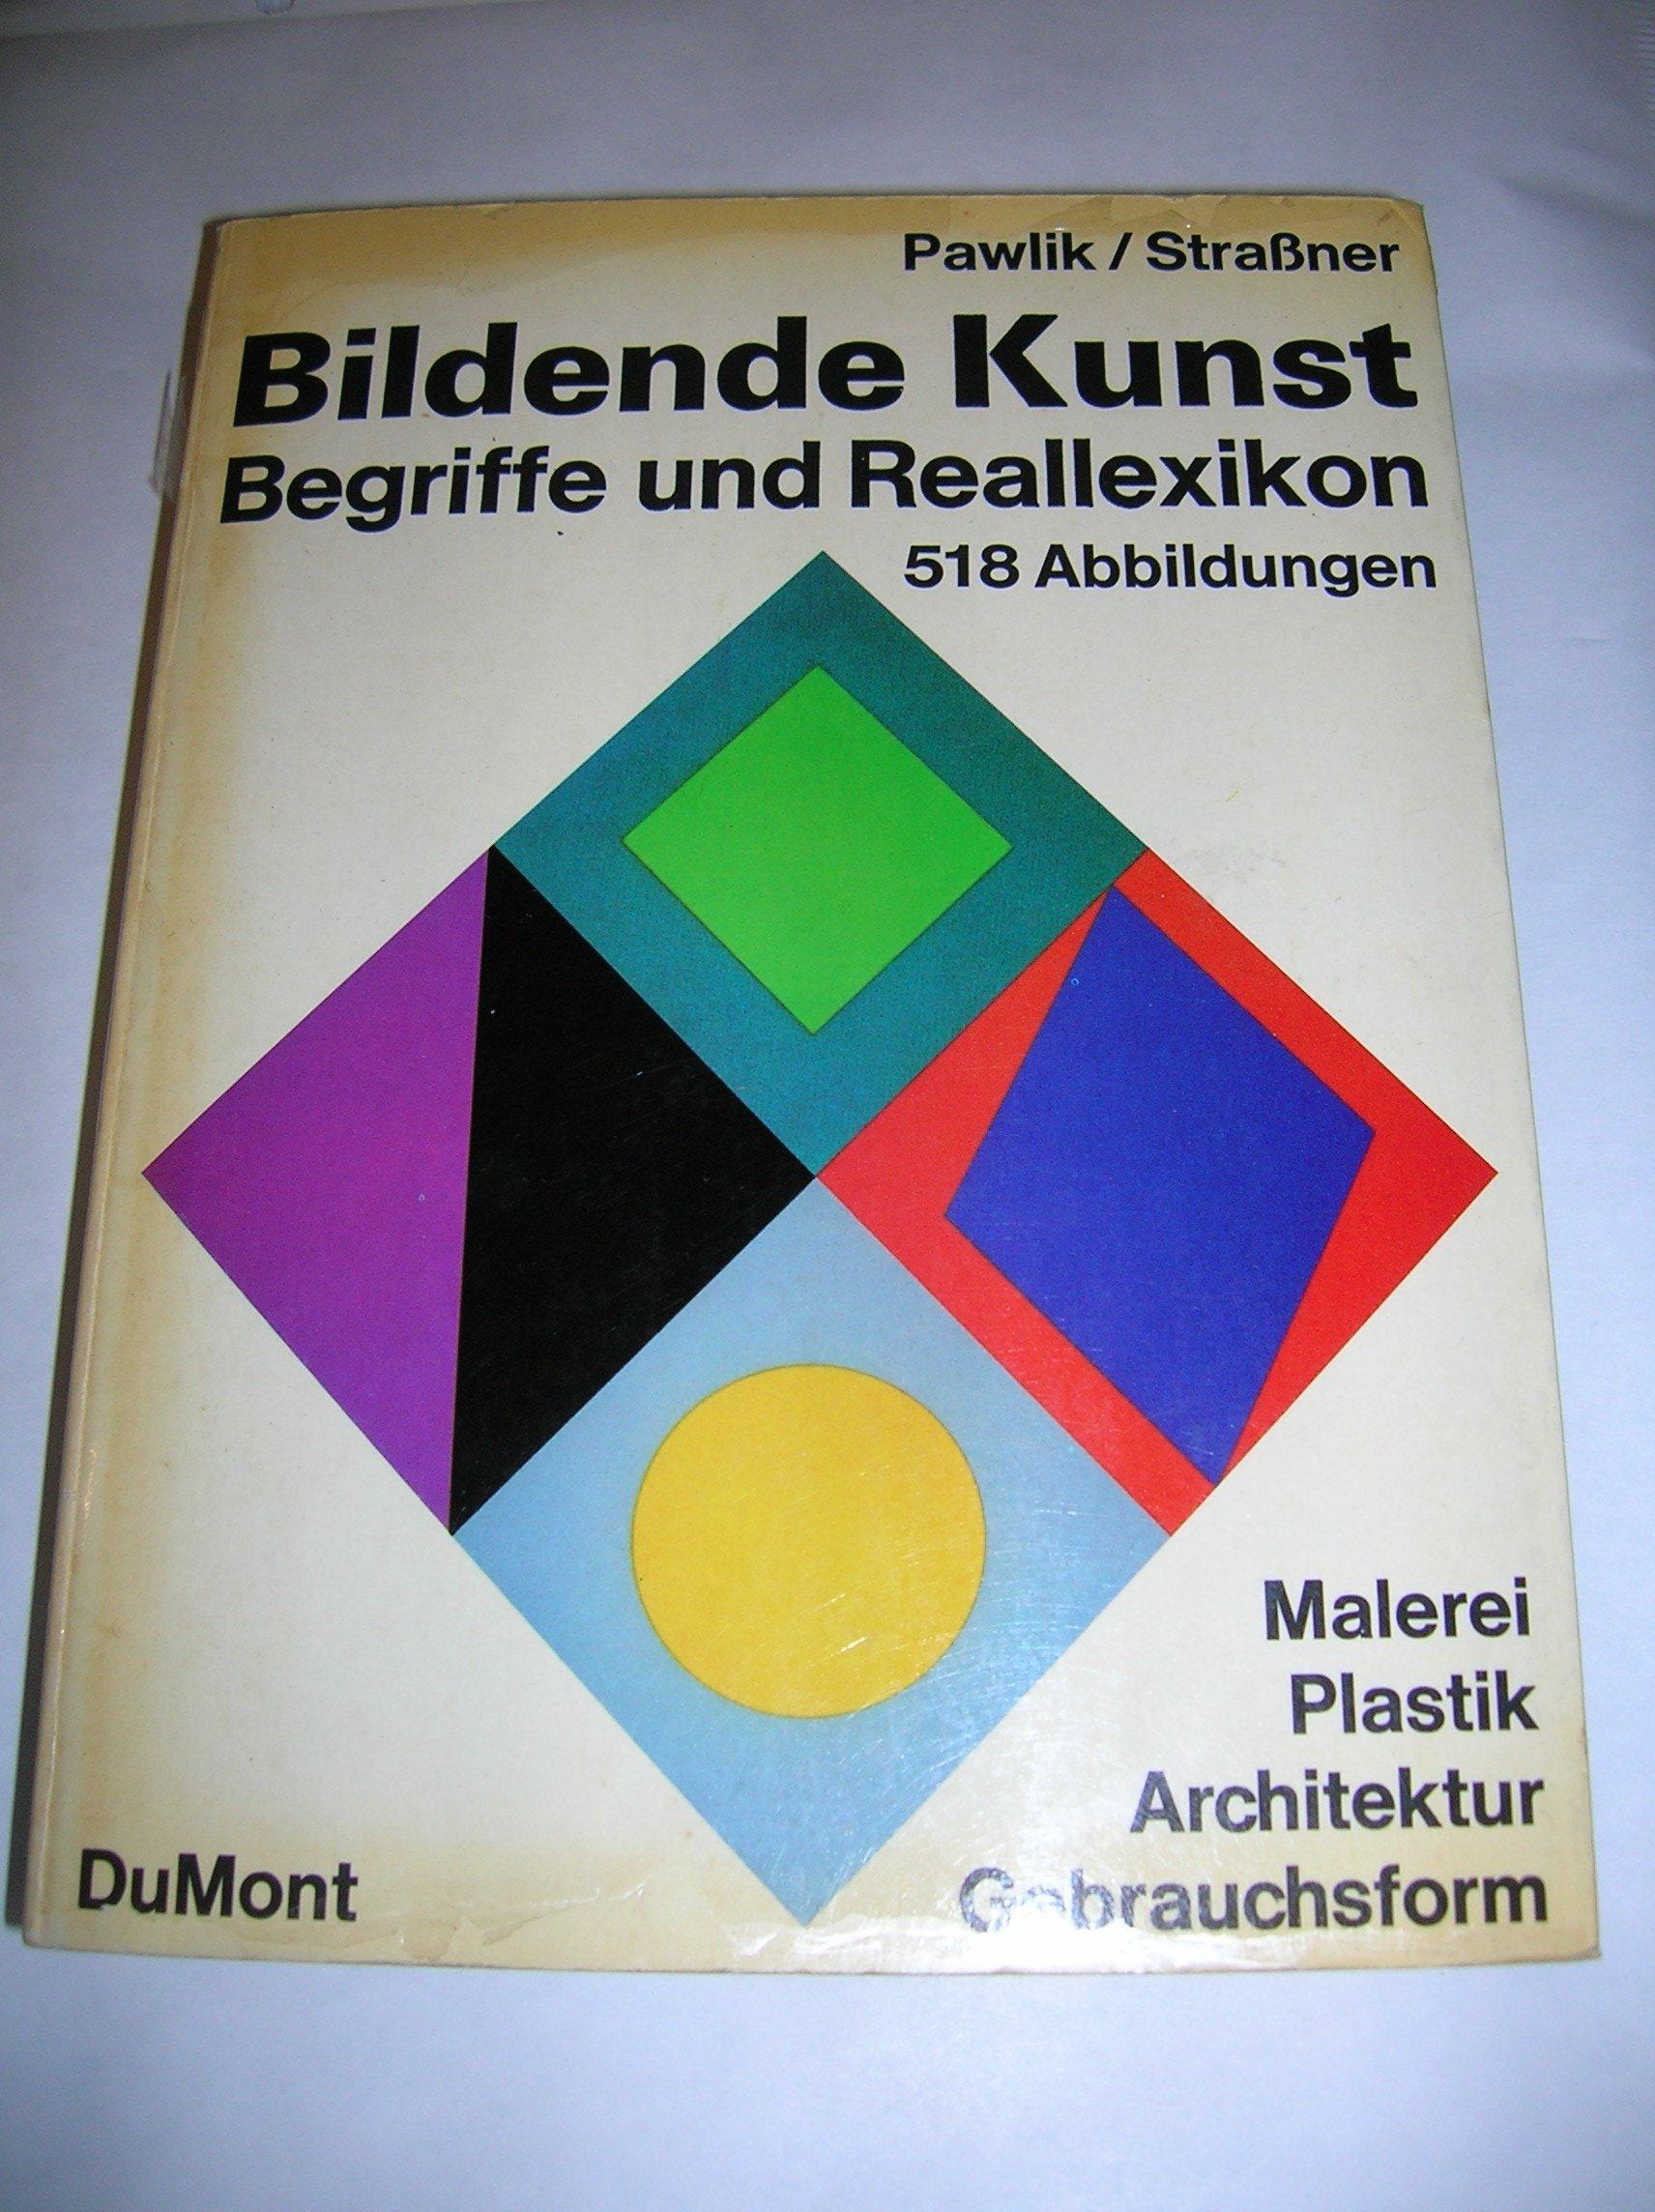 Bildende Kunst.Begriffe Und Reallexikon. Malerei Plastik Architektur Gebrauchsform